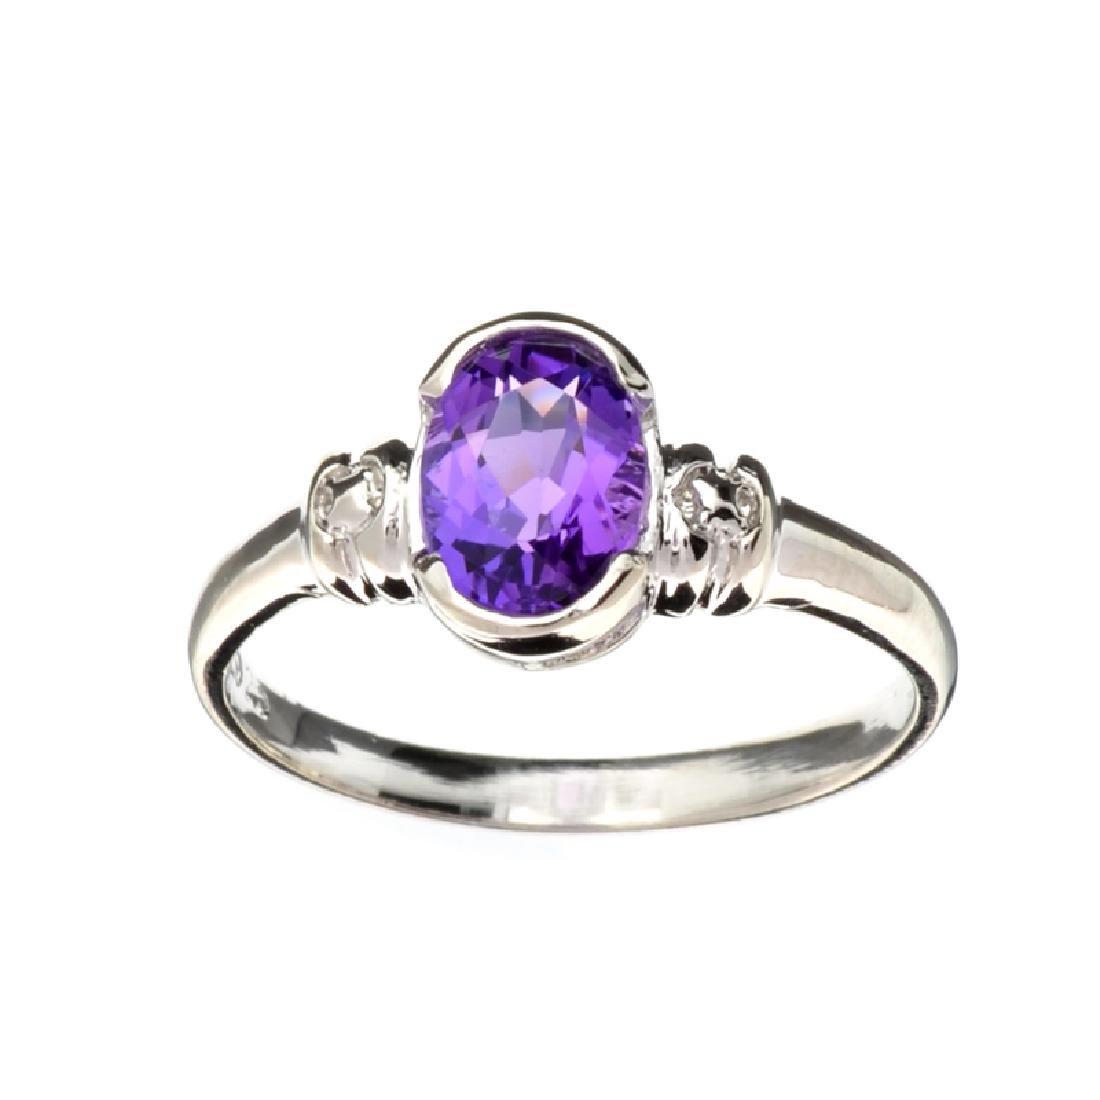 APP: 0.7k Fine Jewelry 1.20CT Oval Cut Amethyst Quartz